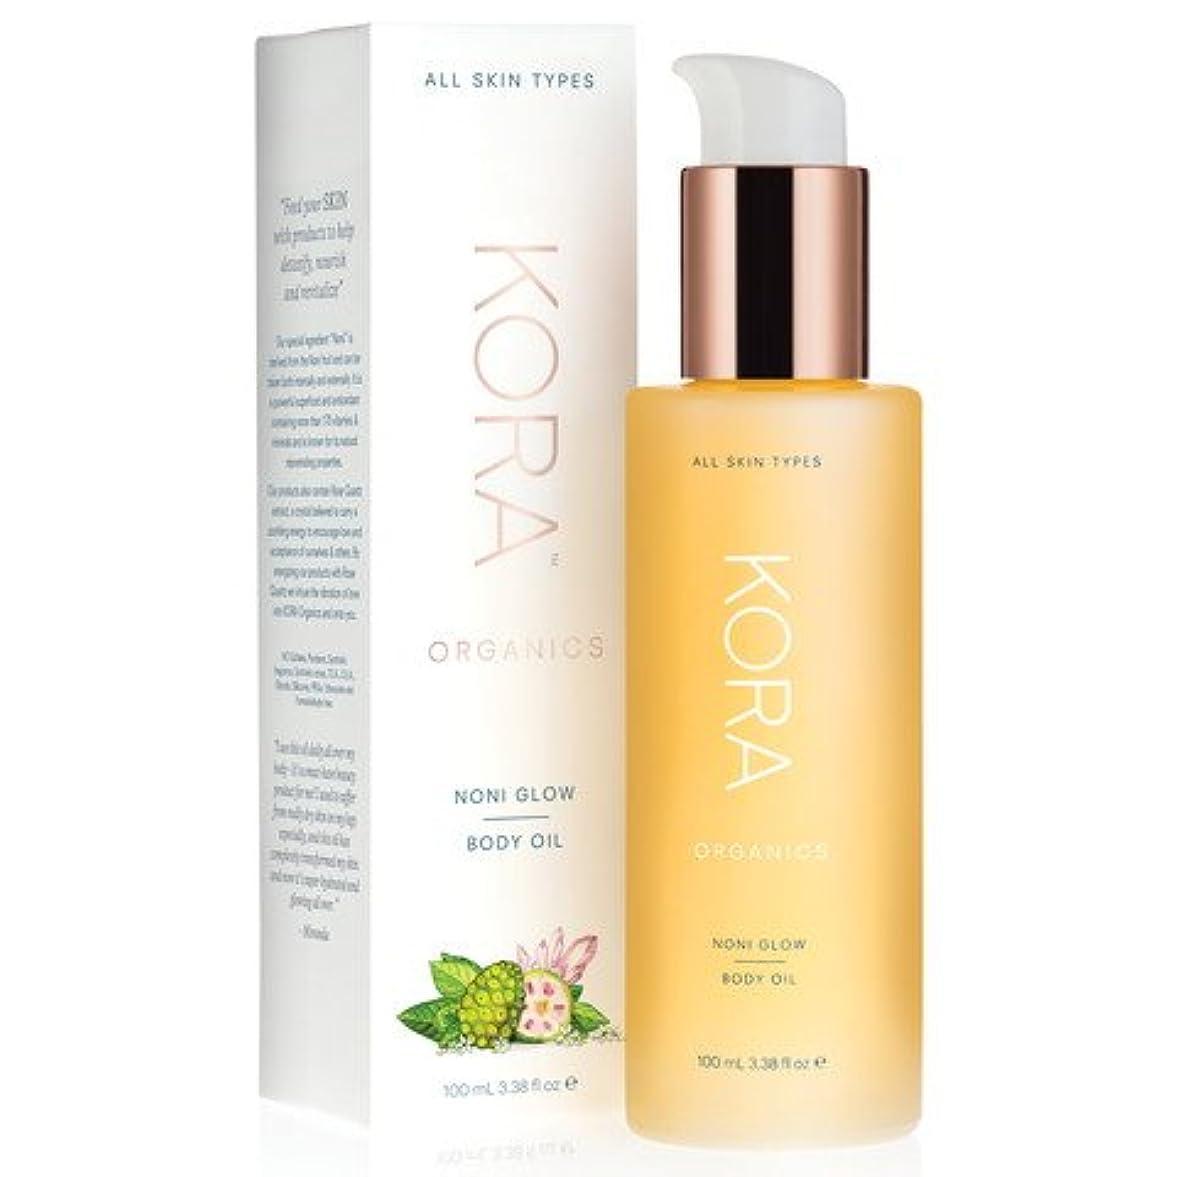 利益無臭増幅器[Kora Organics]ノニ グロー Bodyオイル(全身用?ボディオイル )[Noni Glow Body Oil][海外直送品]